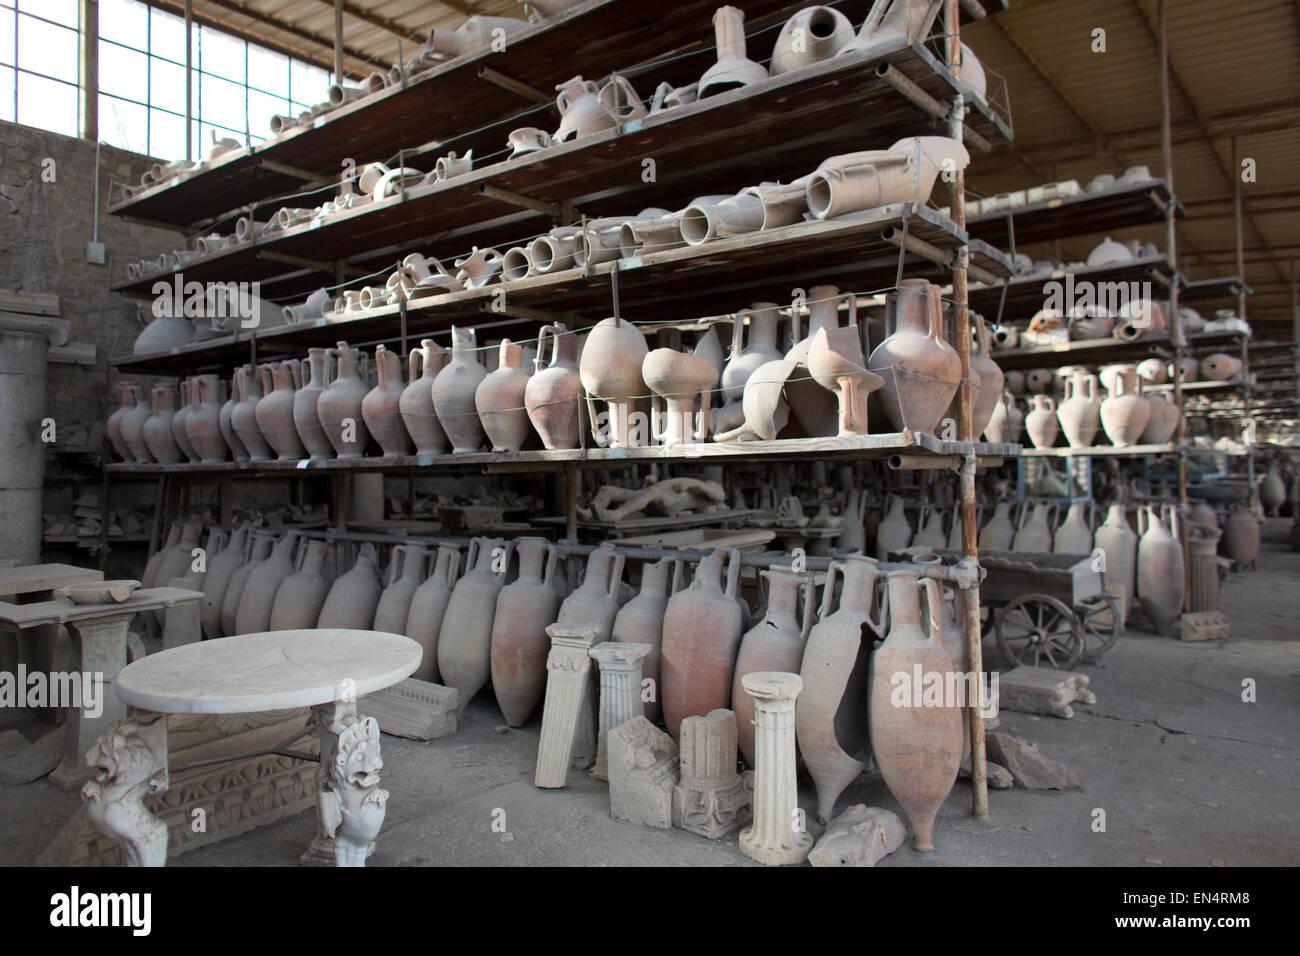 Vor fast 2.000 Jahren wurde die Stadt Pompeji von einem Ausbruch des Vesuv zerstört. 20.000 Einwohner von Pompeji Stockbild